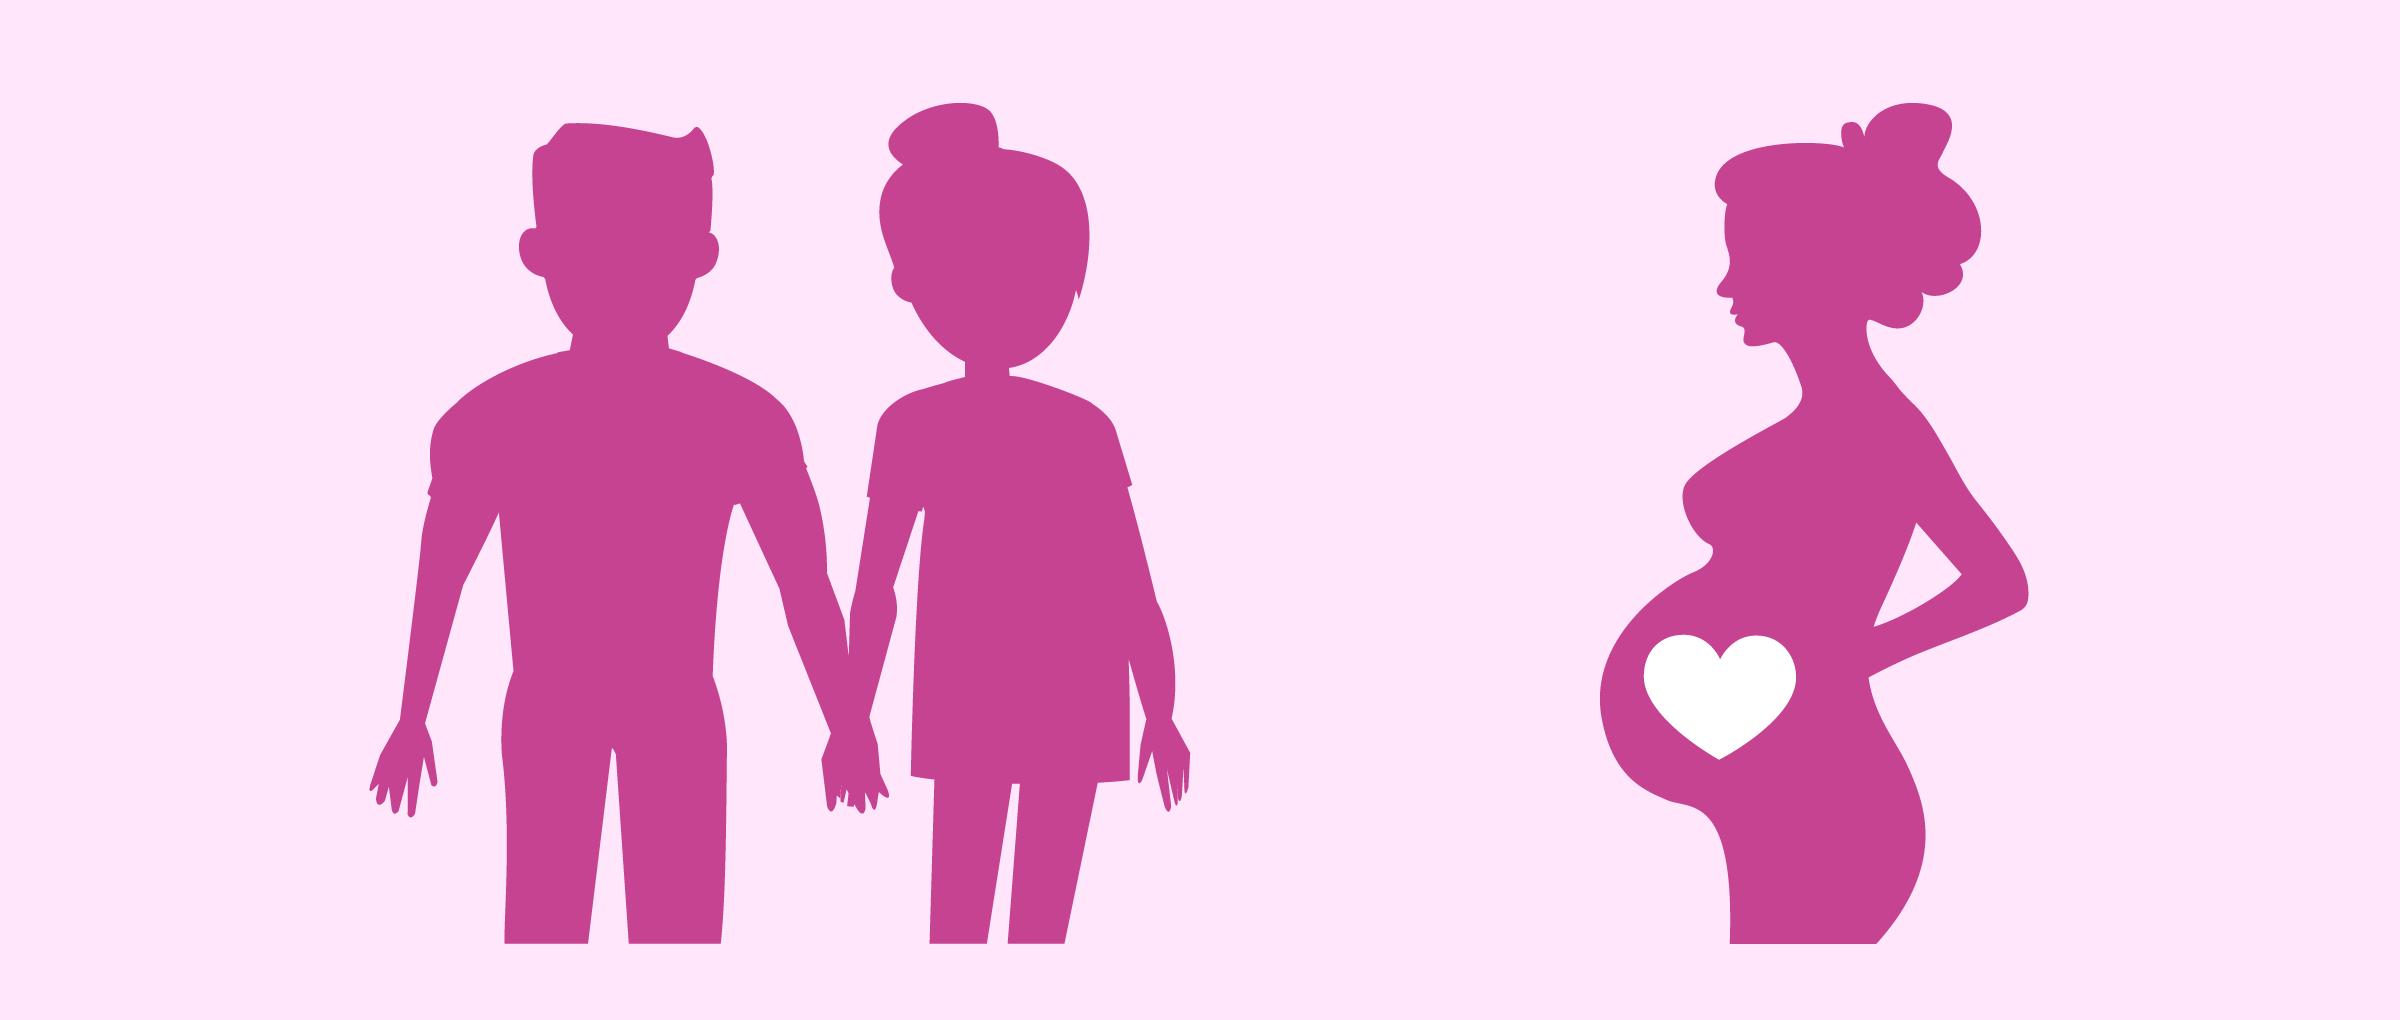 Gestante en maternidad subrogada